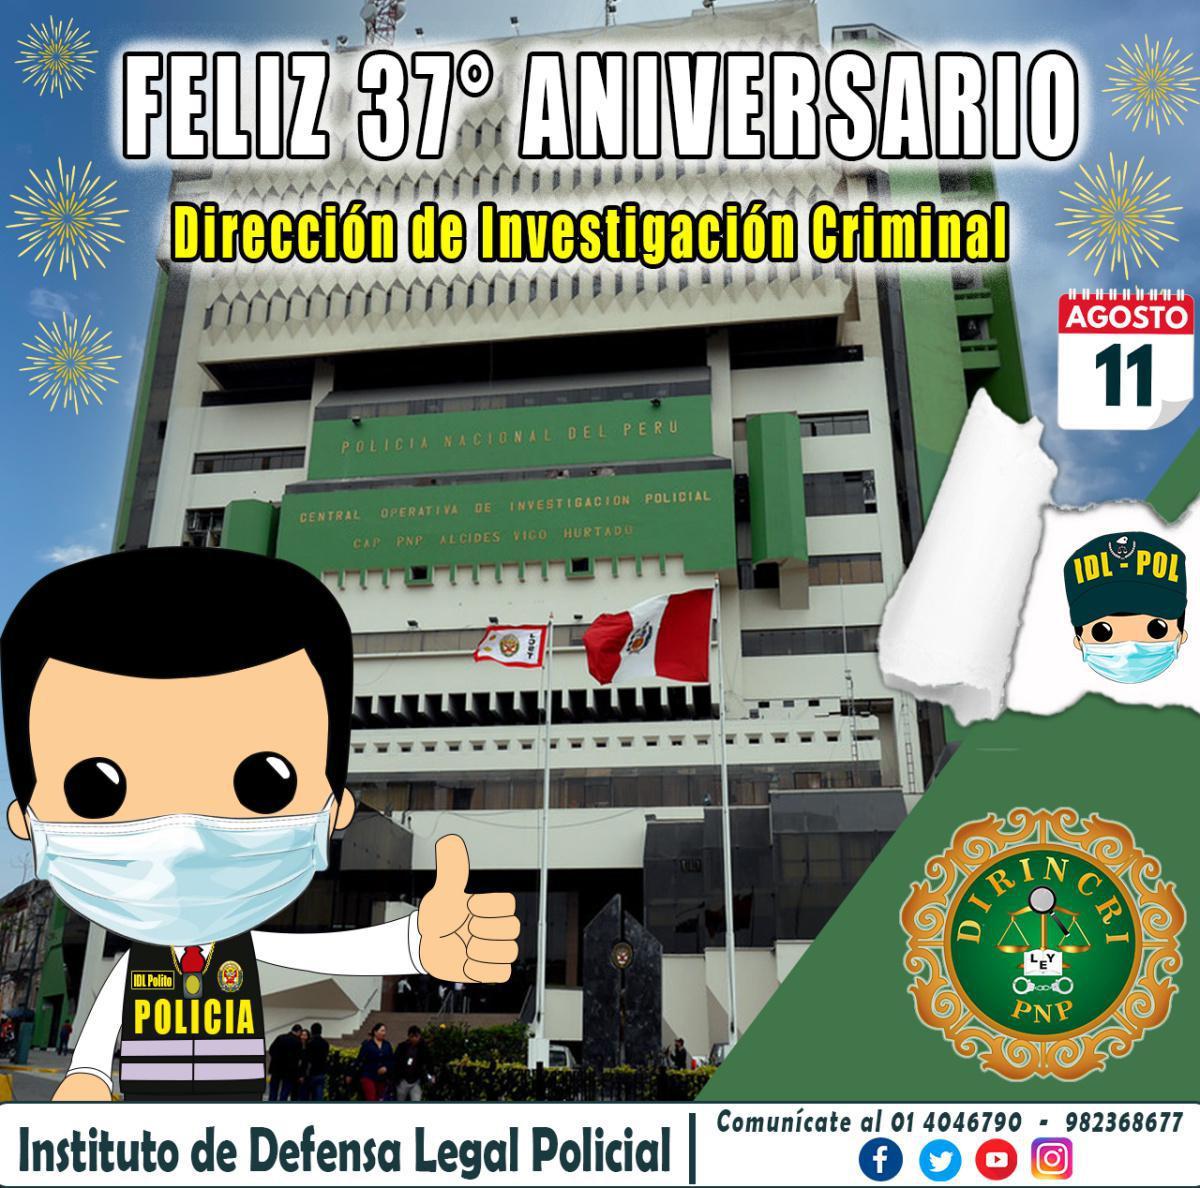 FELIZ ANIVERSARIO DIRECCIÓN DE INVESTIGACIÓN CRIMINAL